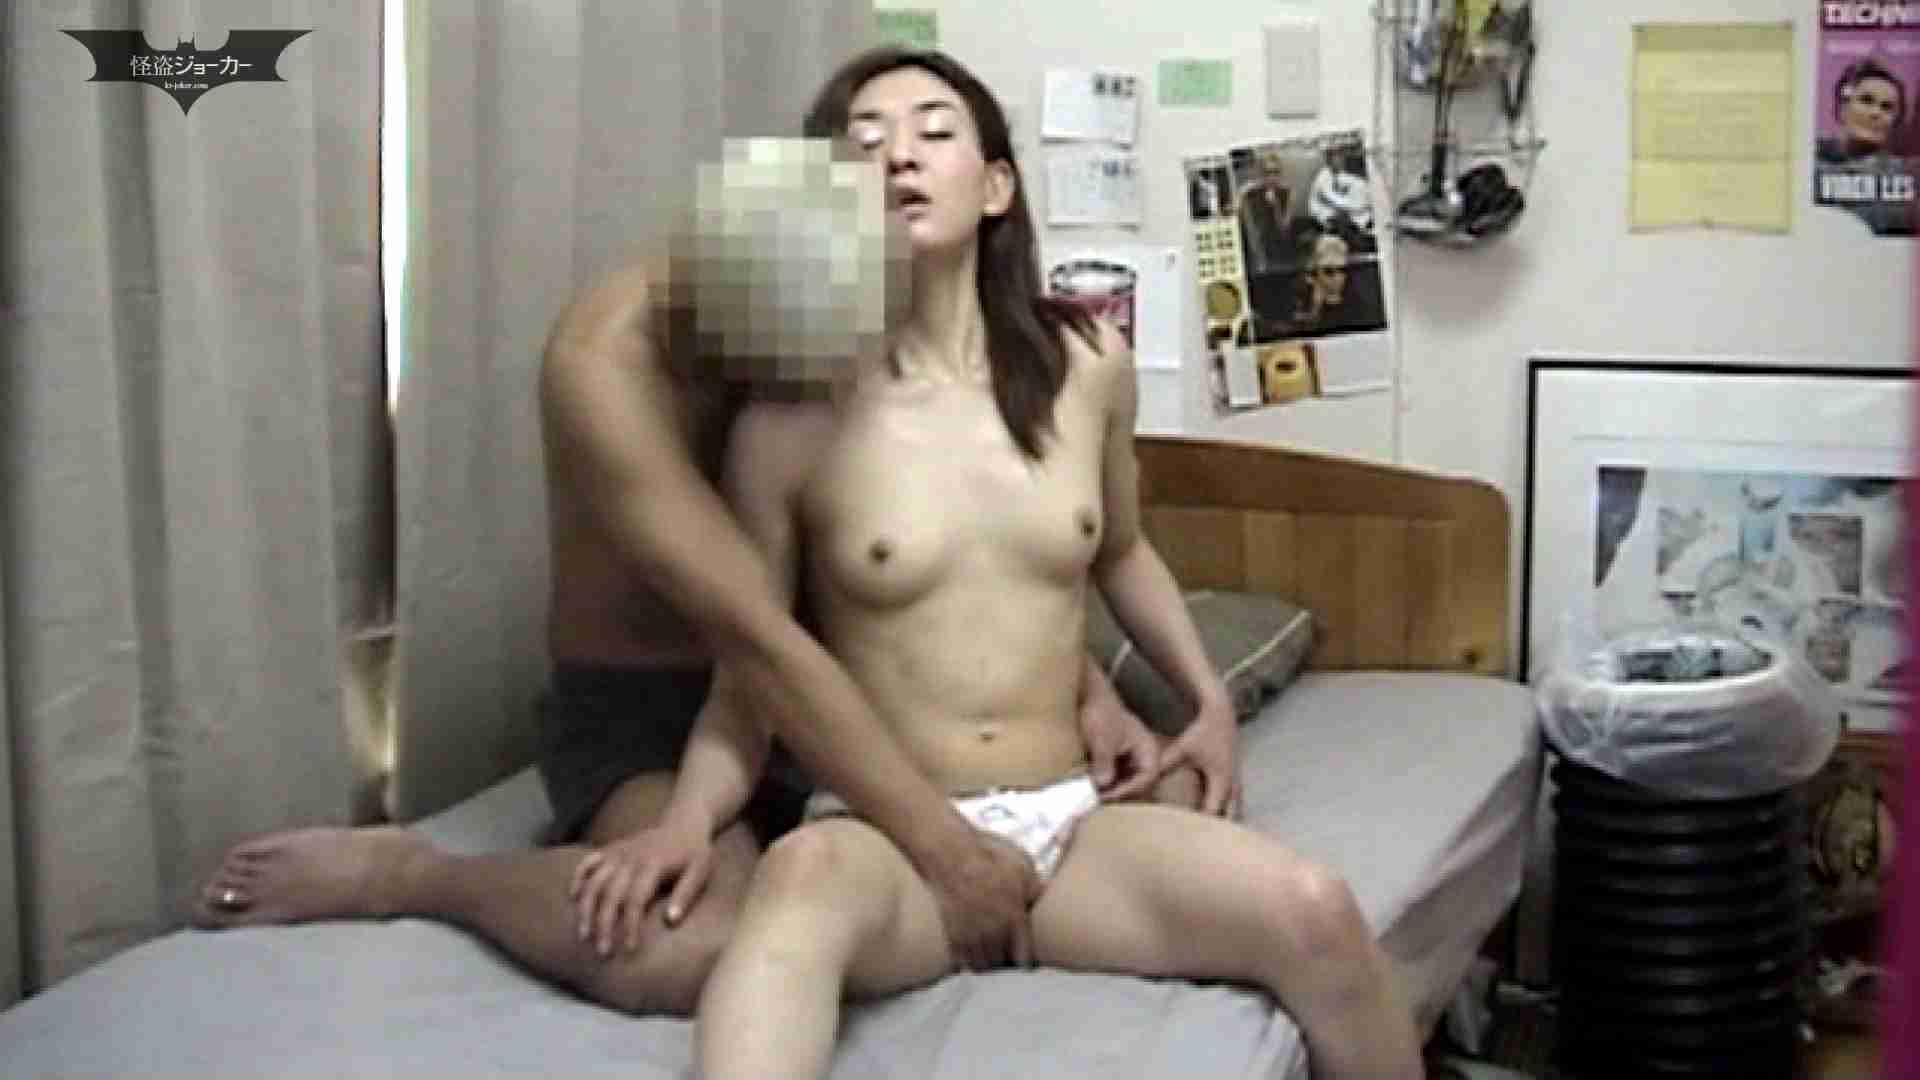 素人女良を部屋に連れ込み隠し撮りSEX!! その⑩ 体操教室の先生 しおり 素人  77pic 21